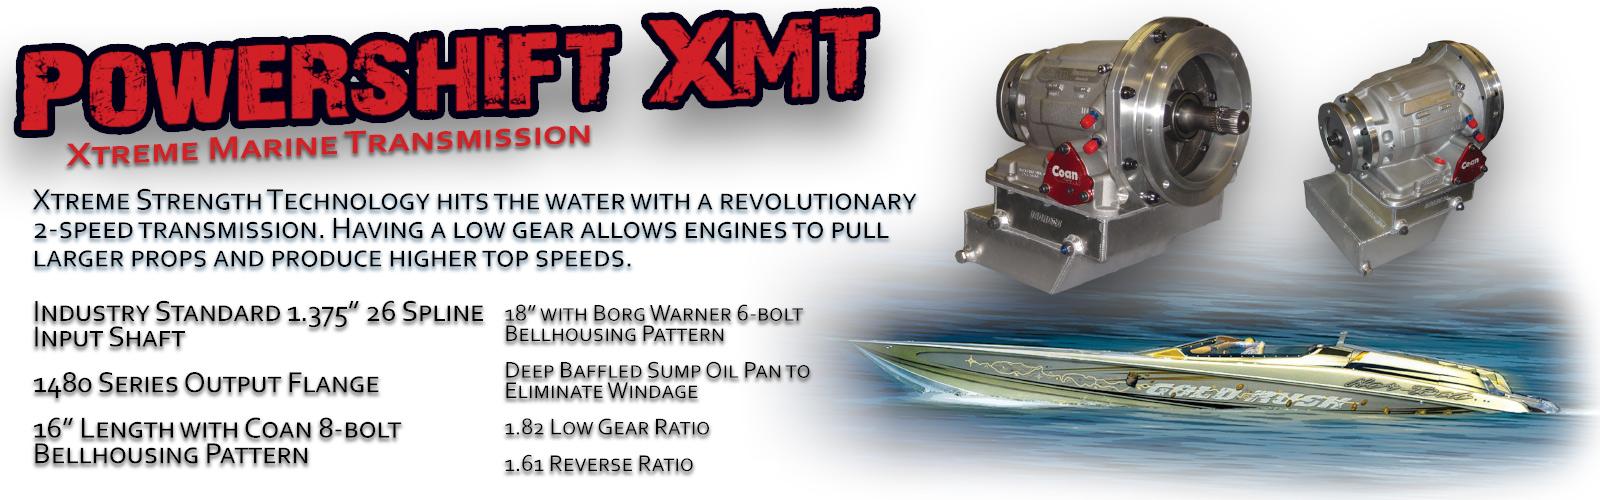 Xtreme Marine Transmission